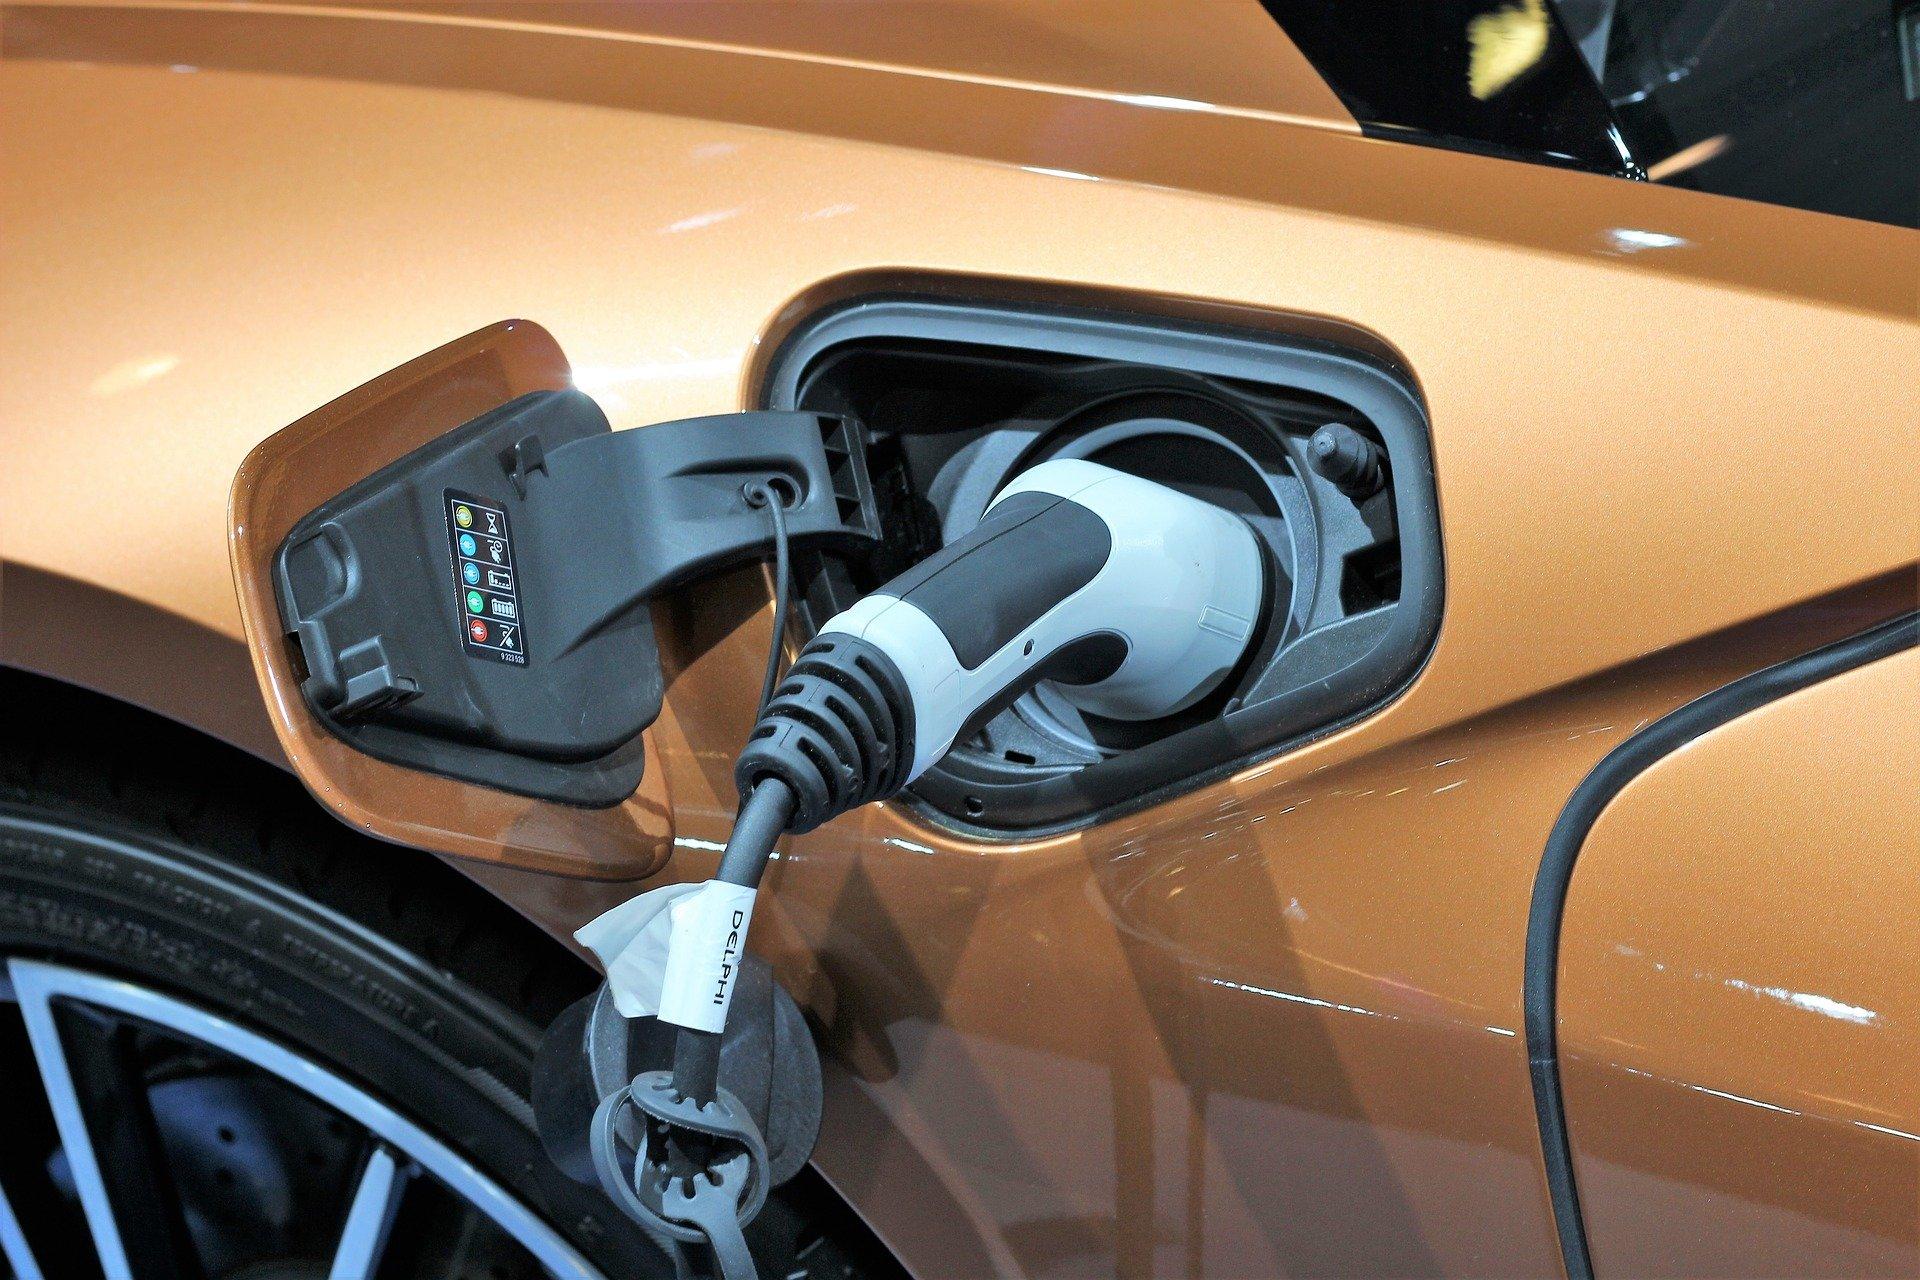 Prise pour recharger sa voiture électrique